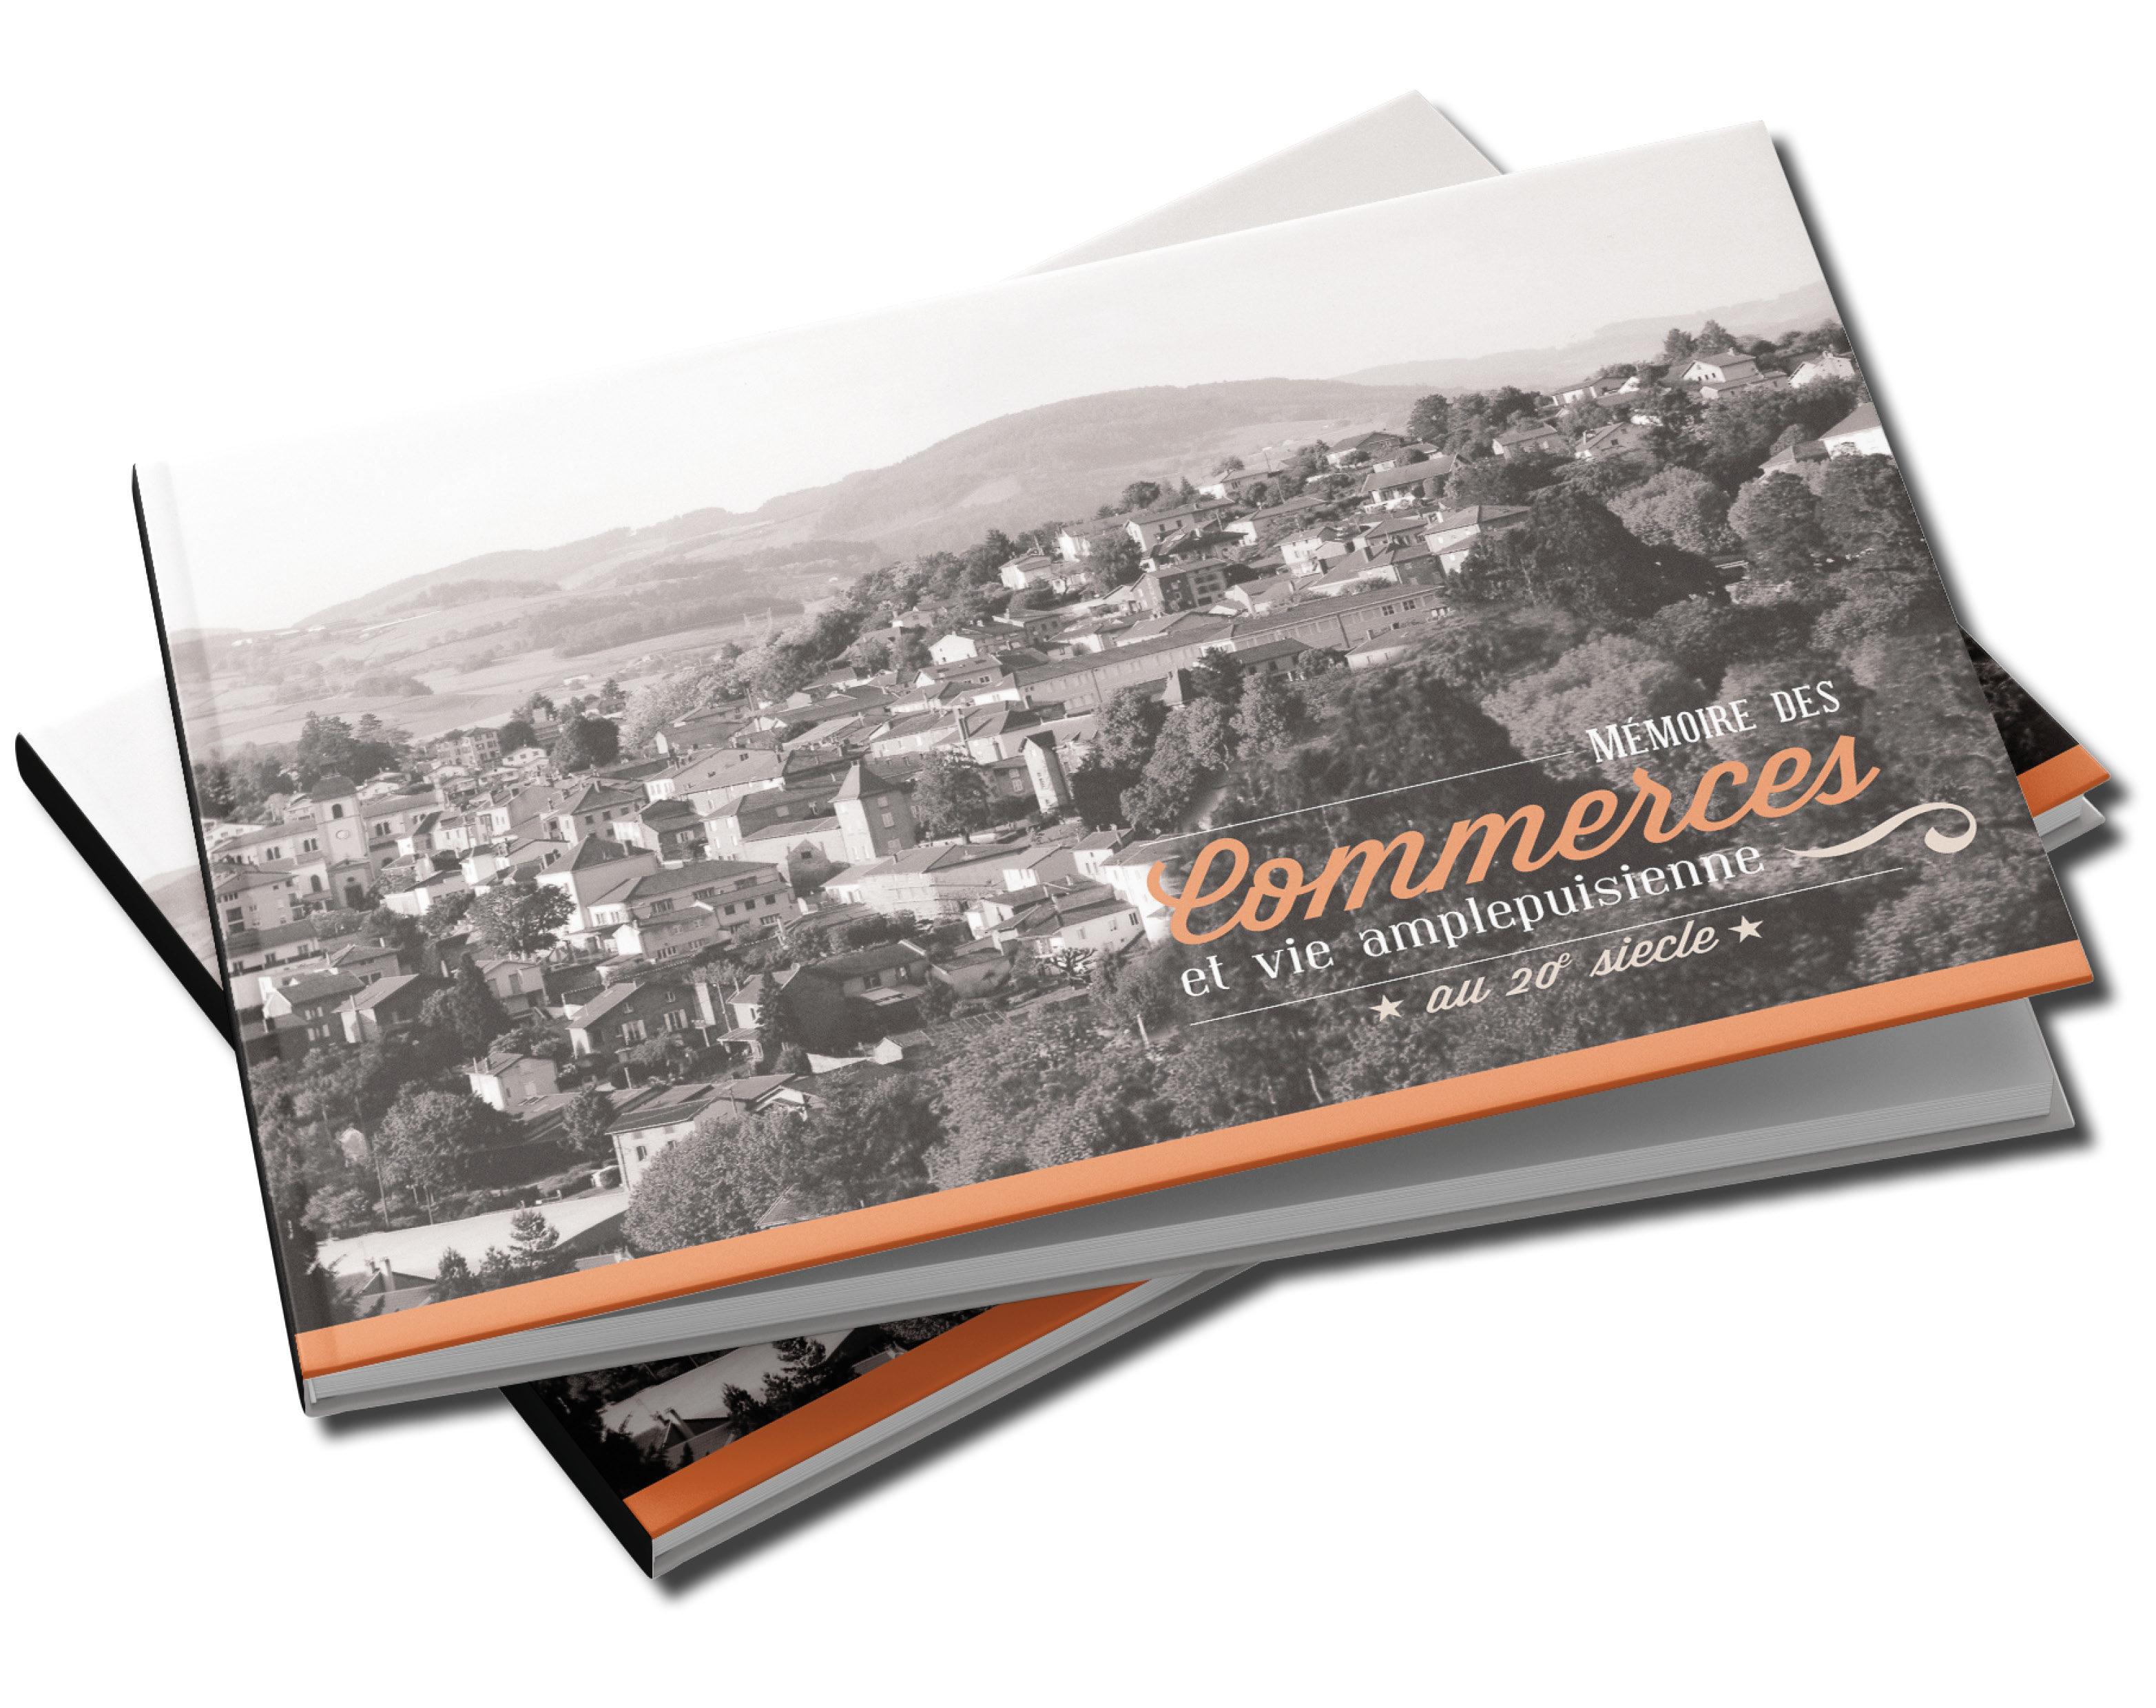 <br> - <br> Mémoire des commerces et vie Amplepuisienne au 20ème siècle <br> <br>